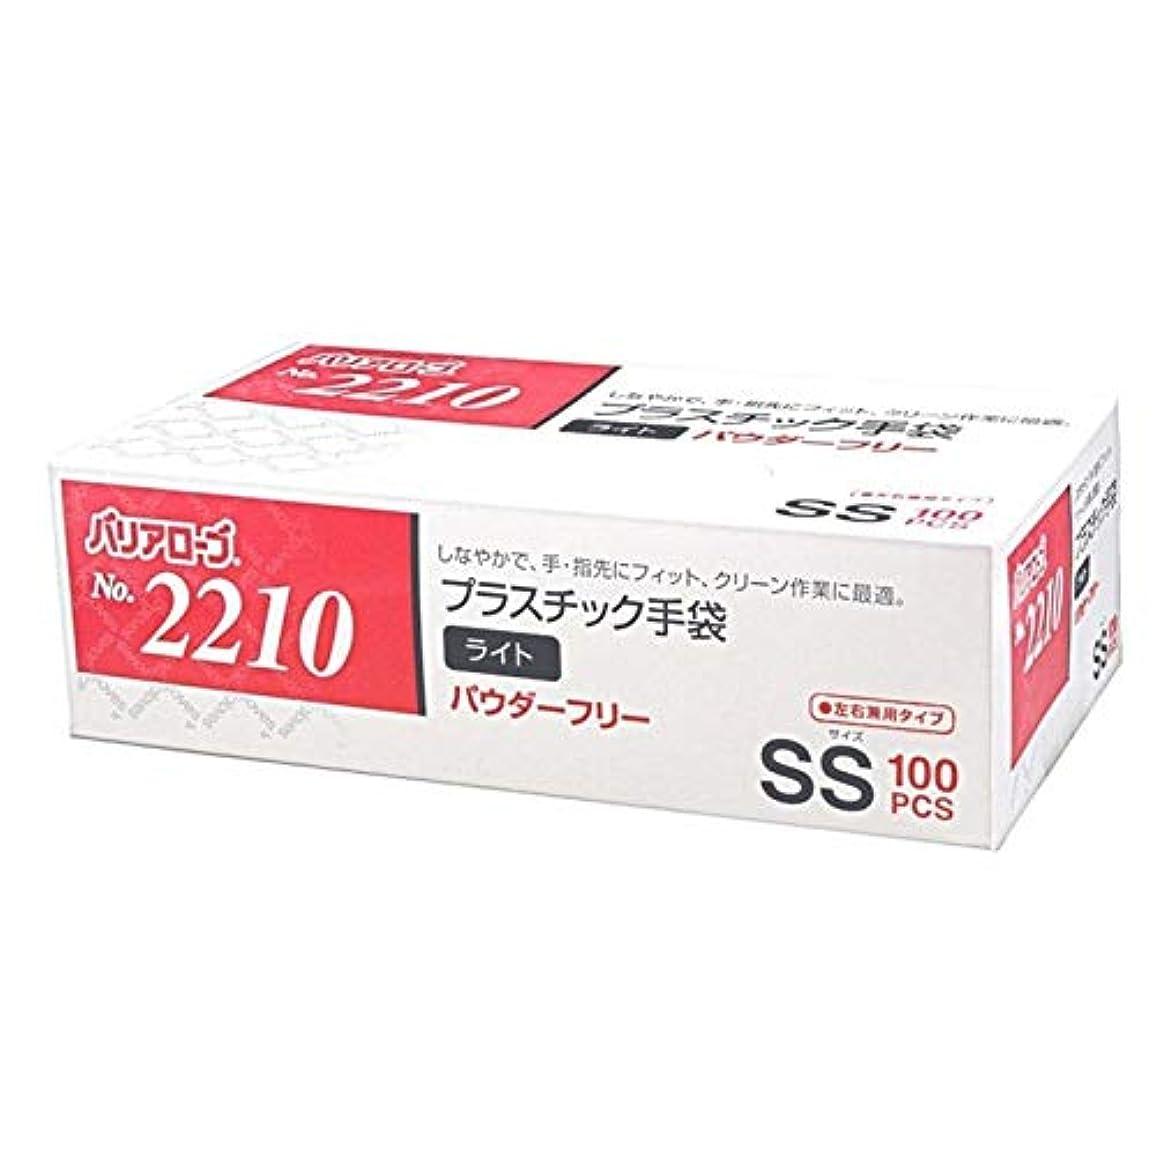 フィードバックボアスプレー【ケース販売】 バリアローブ №2210 プラスチック手袋 ライト (パウダーフリー) SS 2000枚(100枚×20箱)